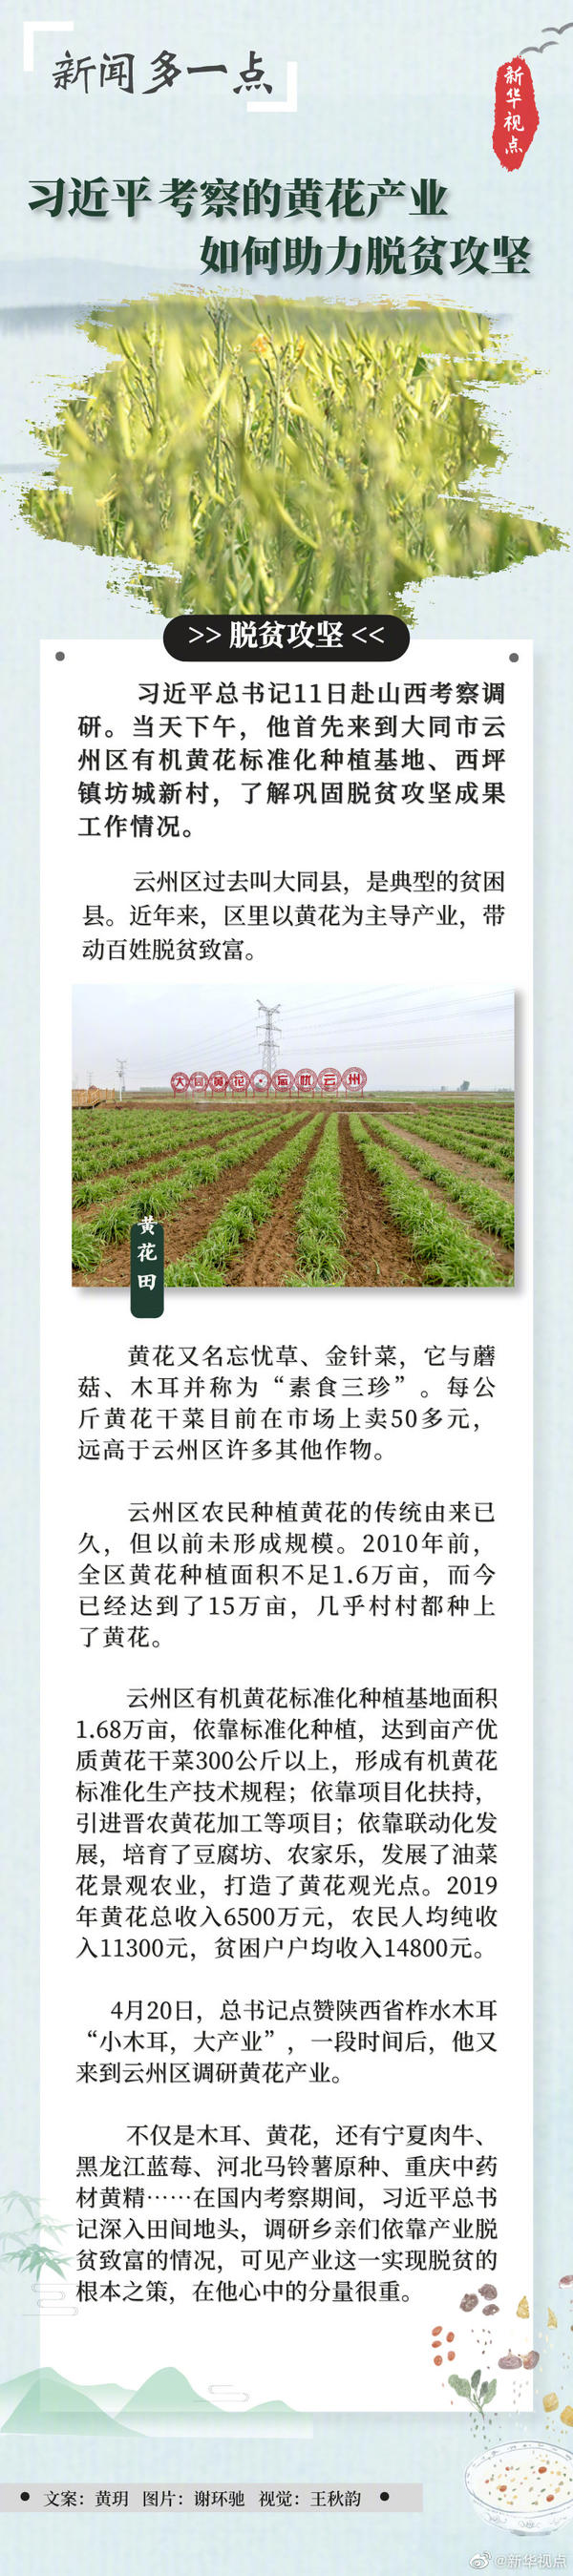 临夏彩票app